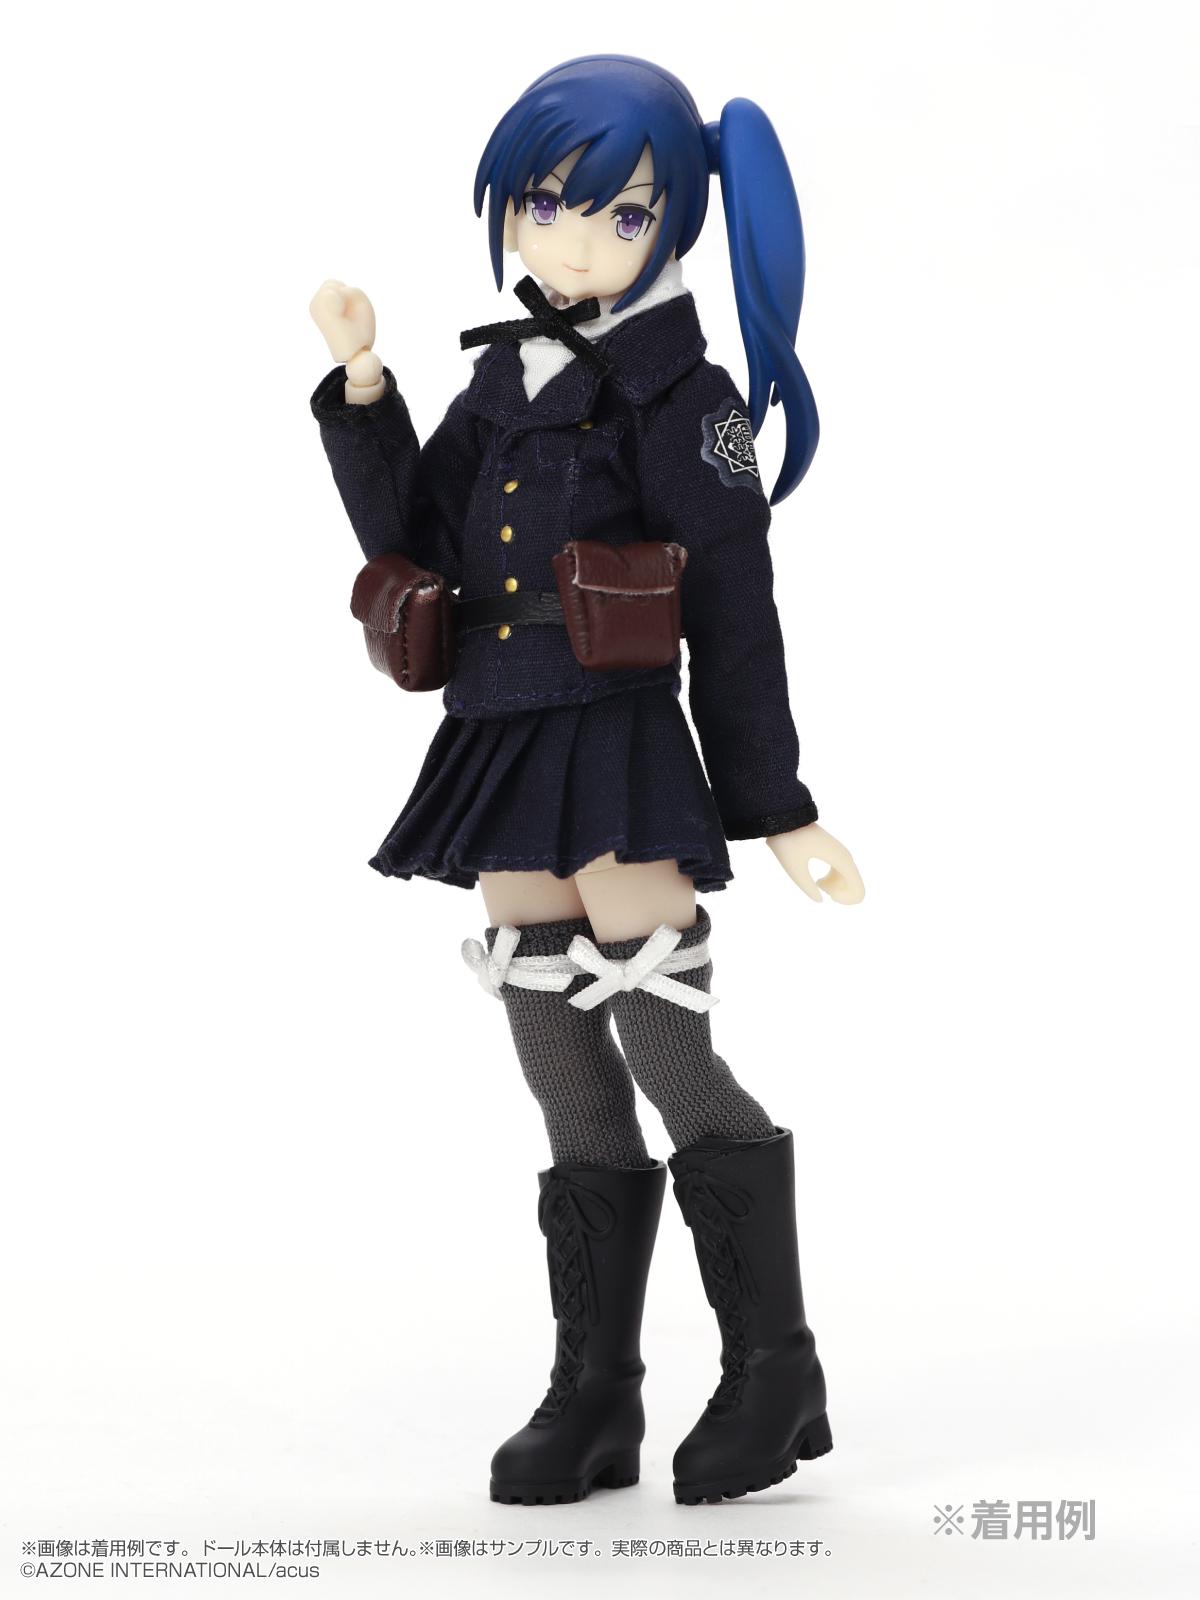 ピコニーモ用ウェア『相模女子 制服セット Sサイズ』1/12 ドール服-002